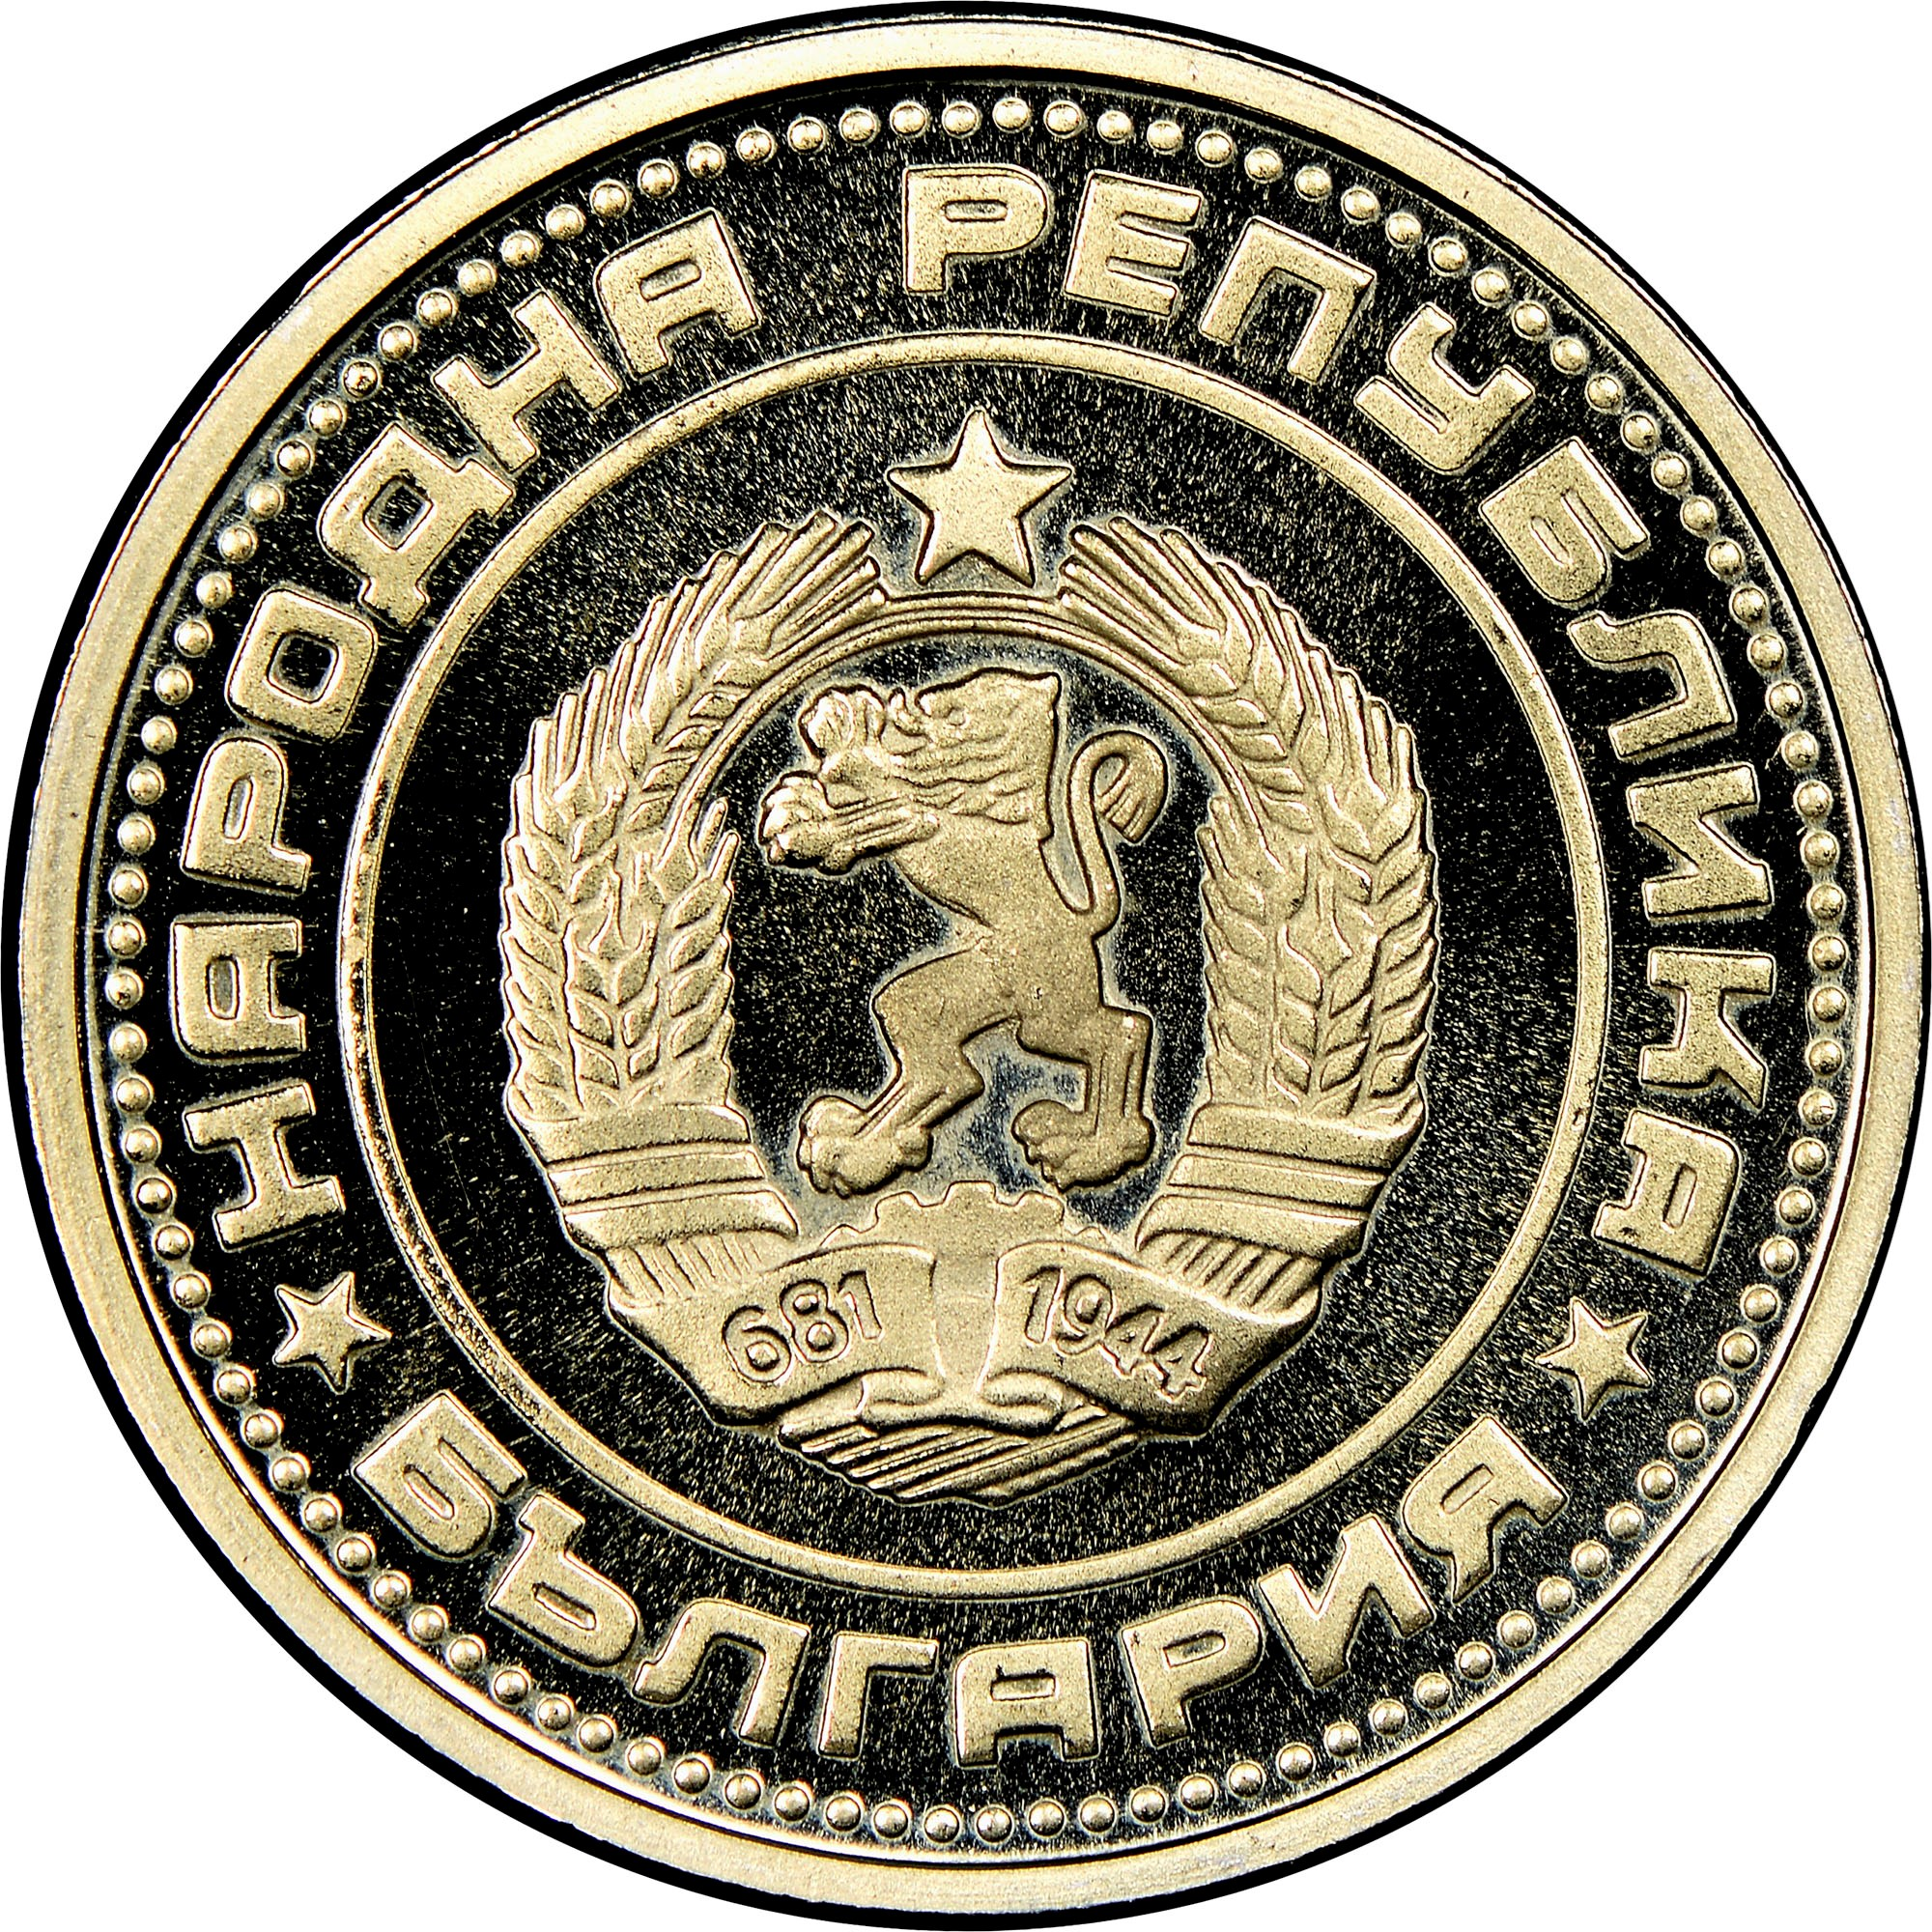 Bulgaria 50 Stotinki obverse